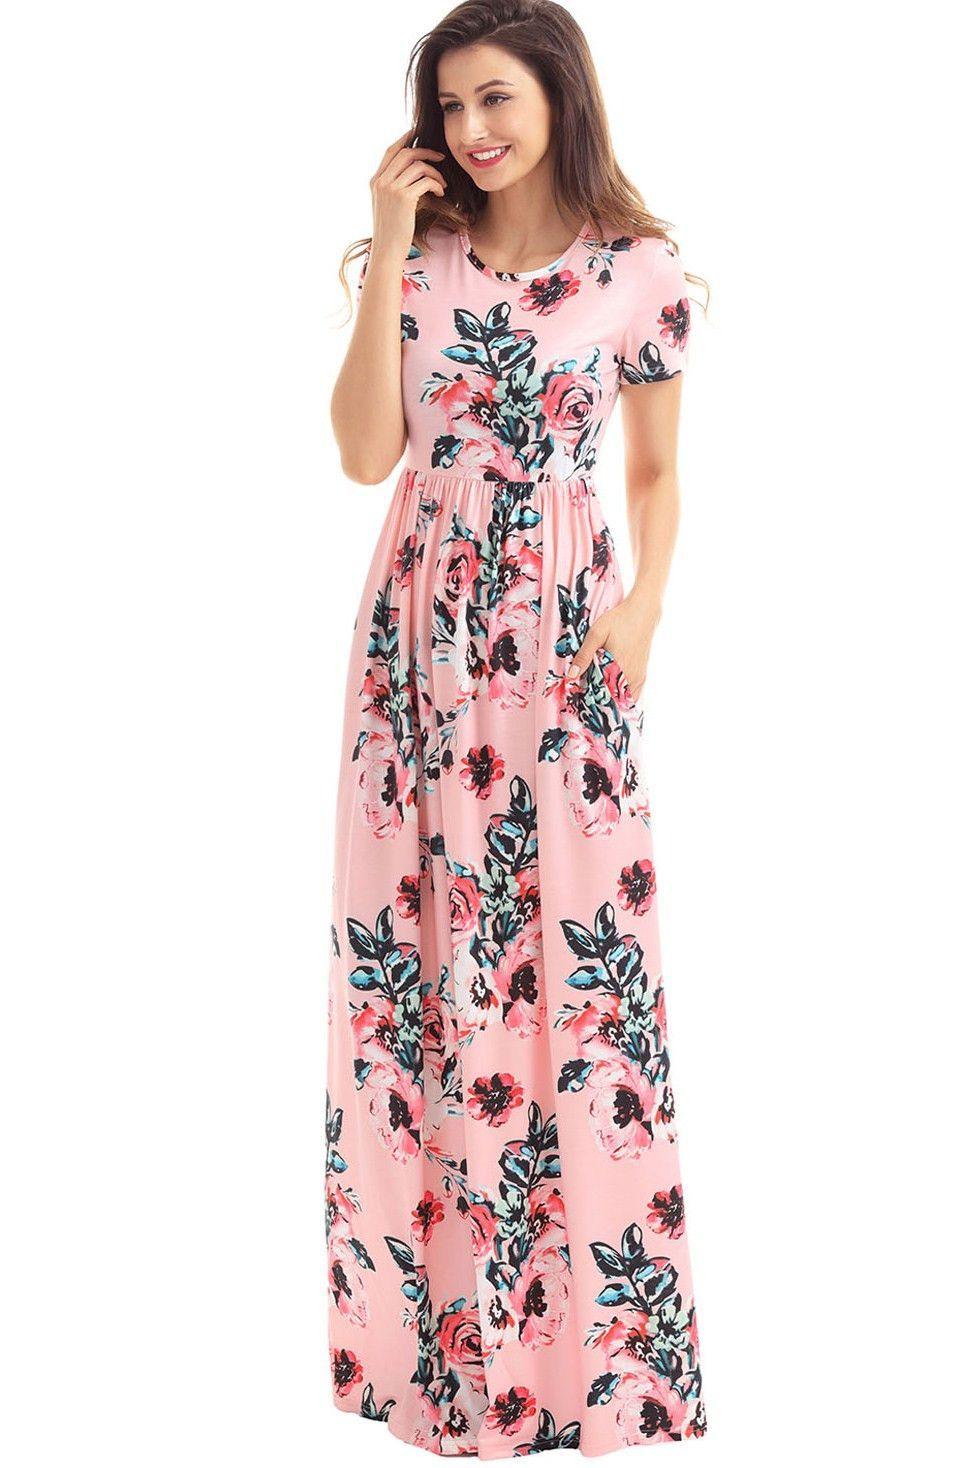 Asombroso Modestos Vestidos De Dama De Utah Componente - Colección ...